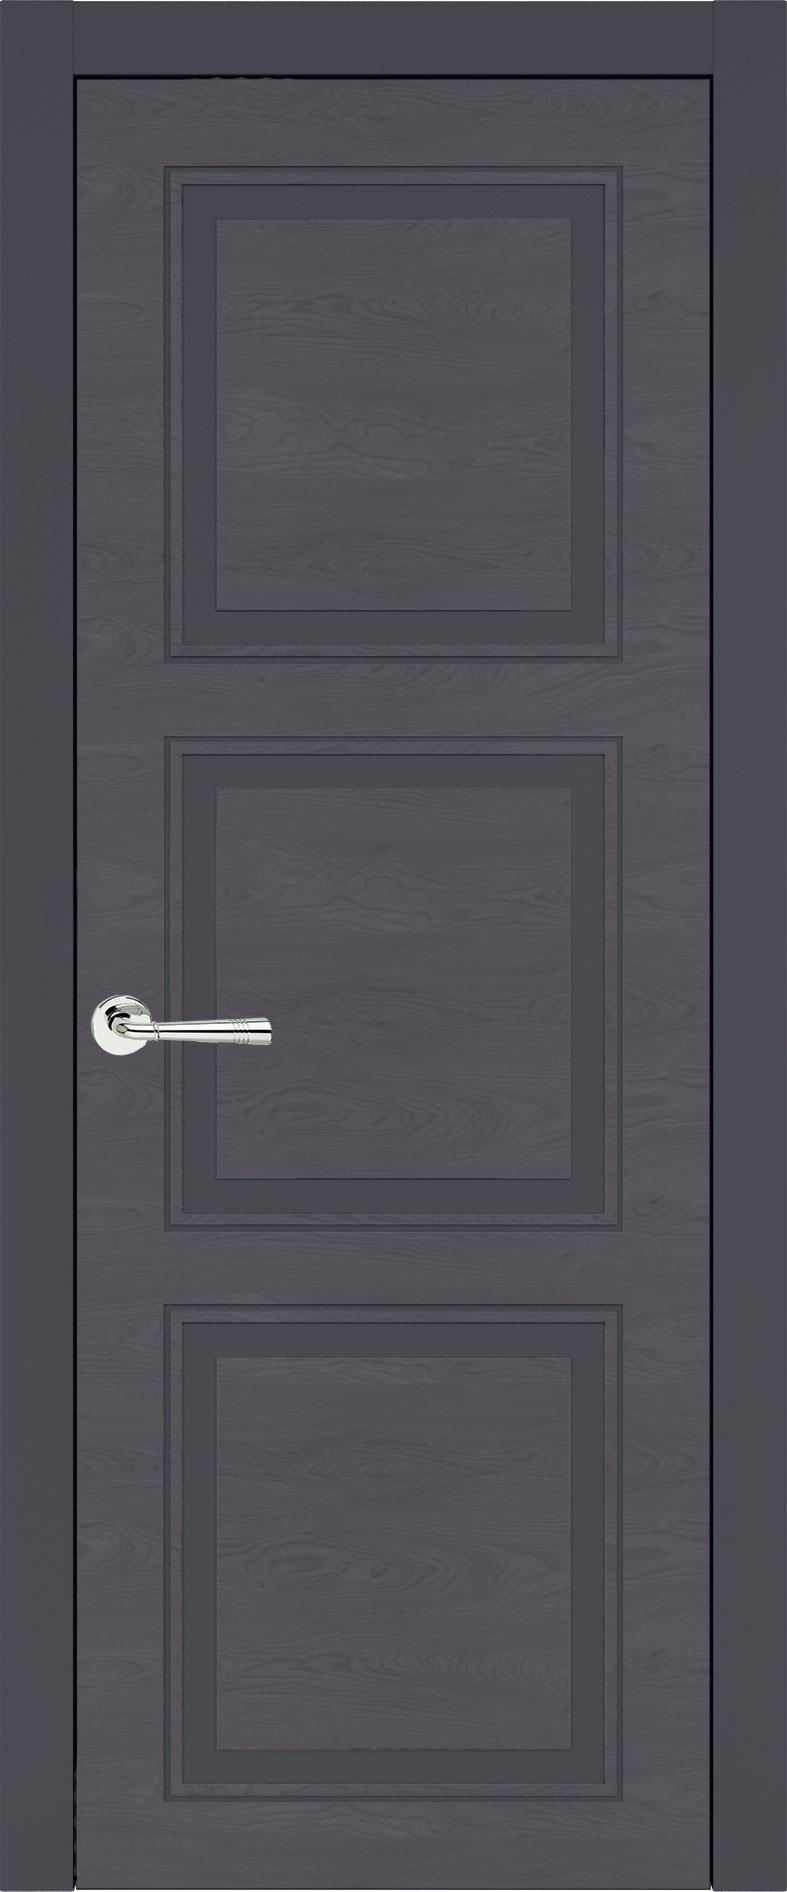 Milano Neo Classic цвет - Графитово-серая эмаль по шпону (RAL 7024) Без стекла (ДГ)